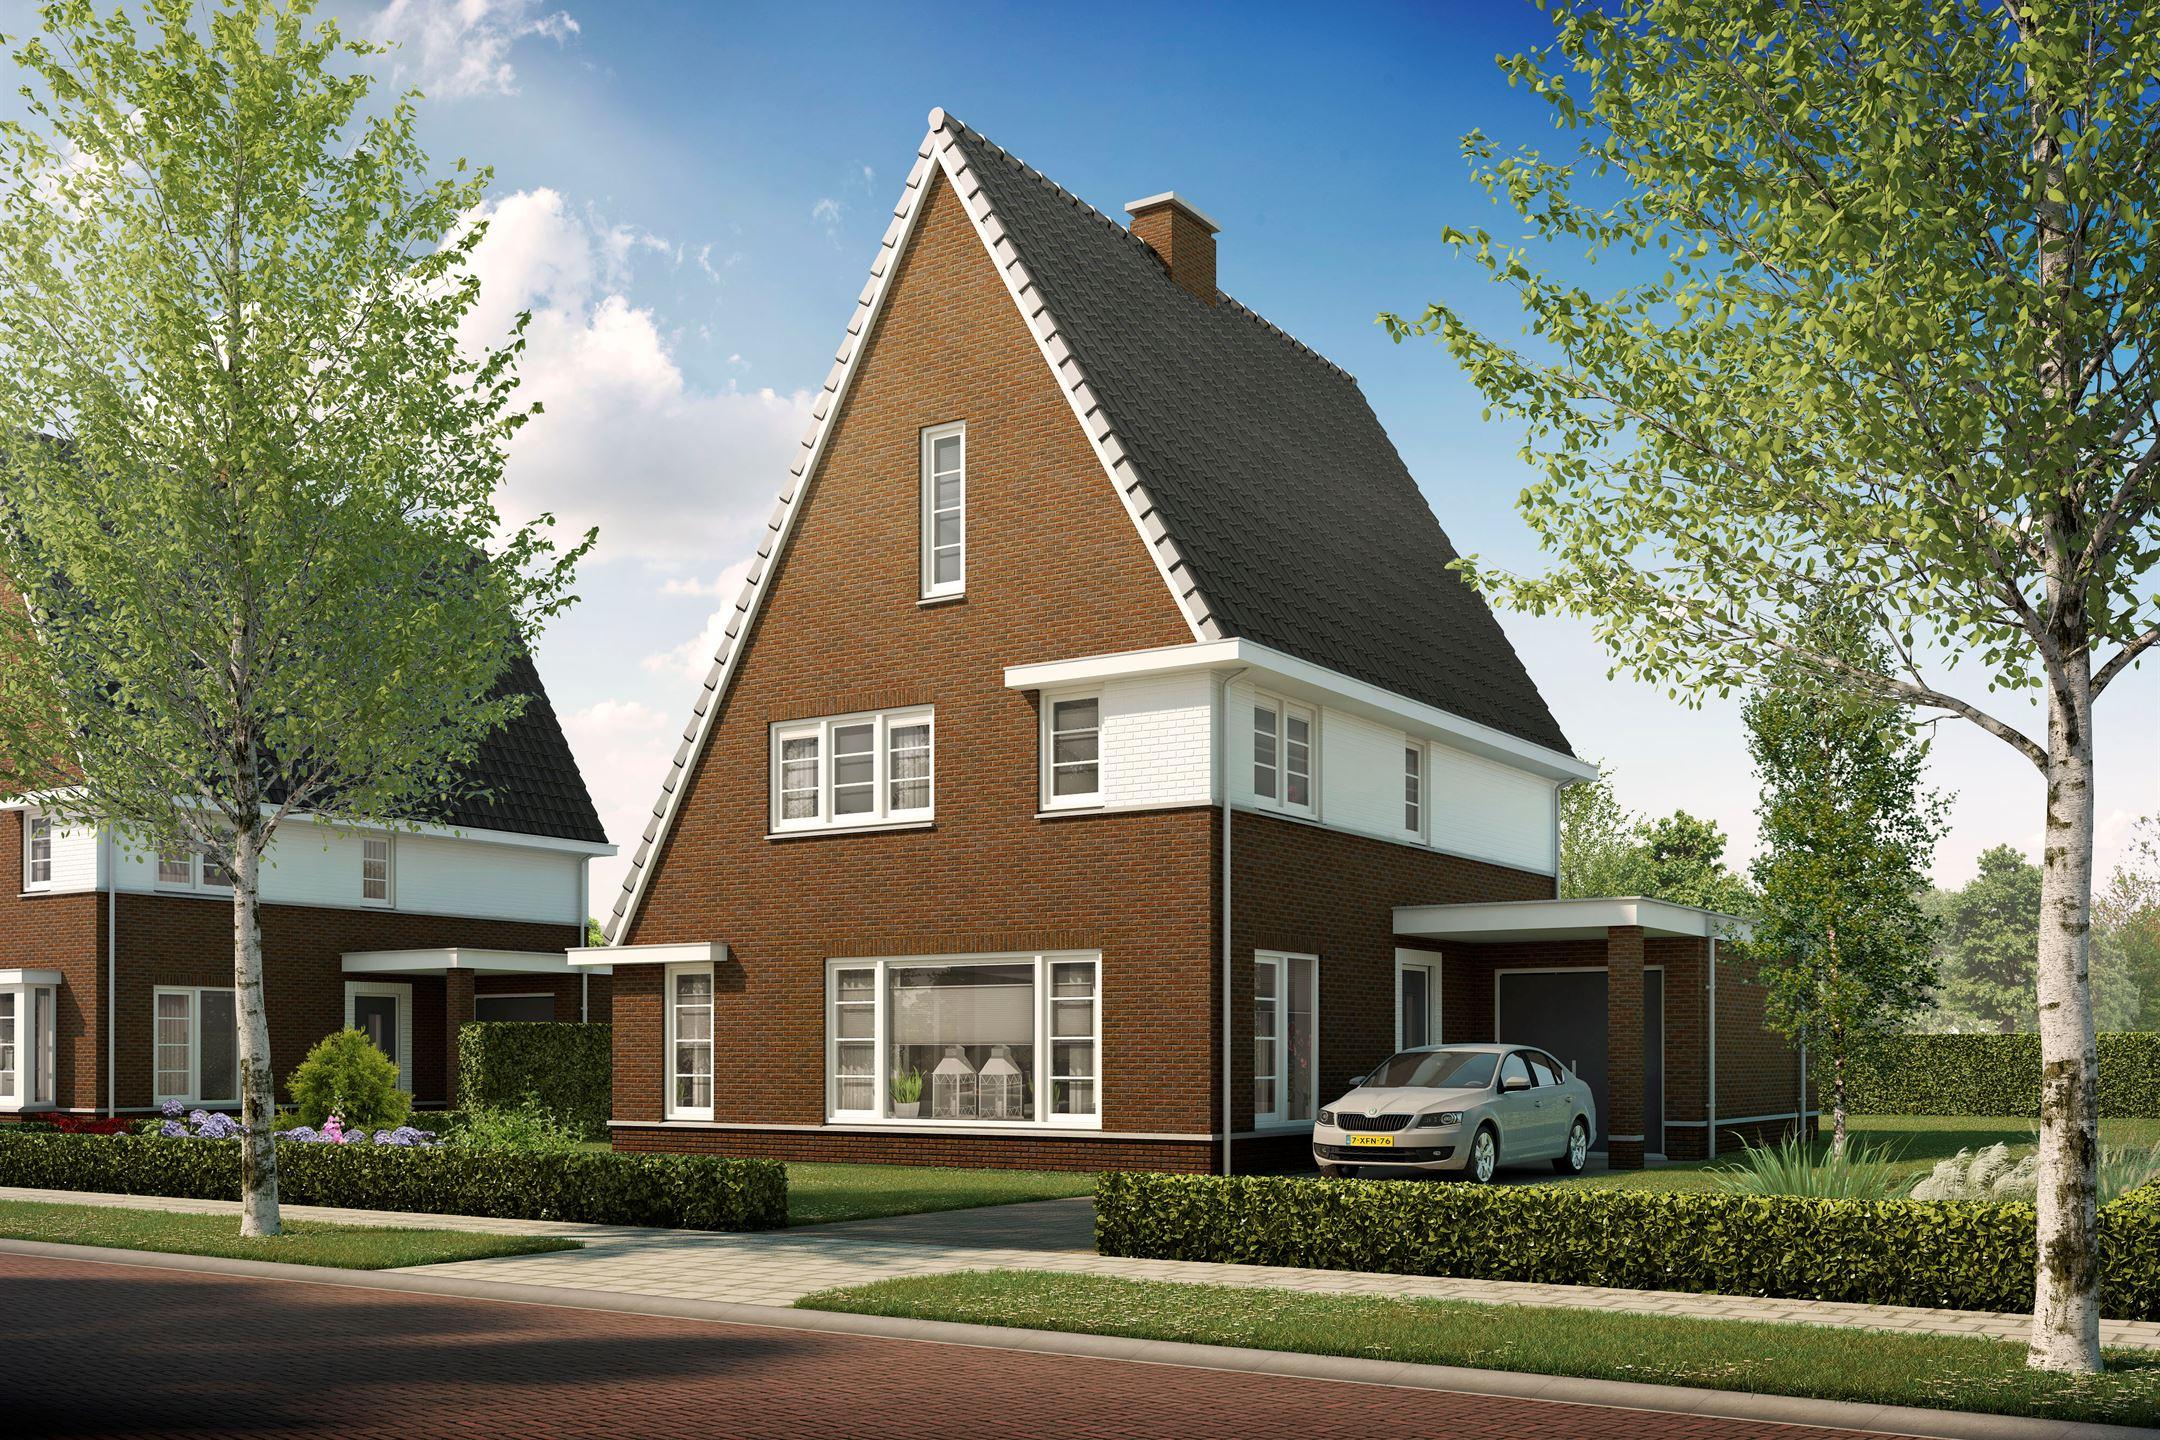 #33669823647112 Onderdeel Van Project Johanniterveld (3 Vrije Kavels) Utrecht Van de bovenste plank Huis Laten Ontwerpen 3293 beeld 216014403293 Inspiratie